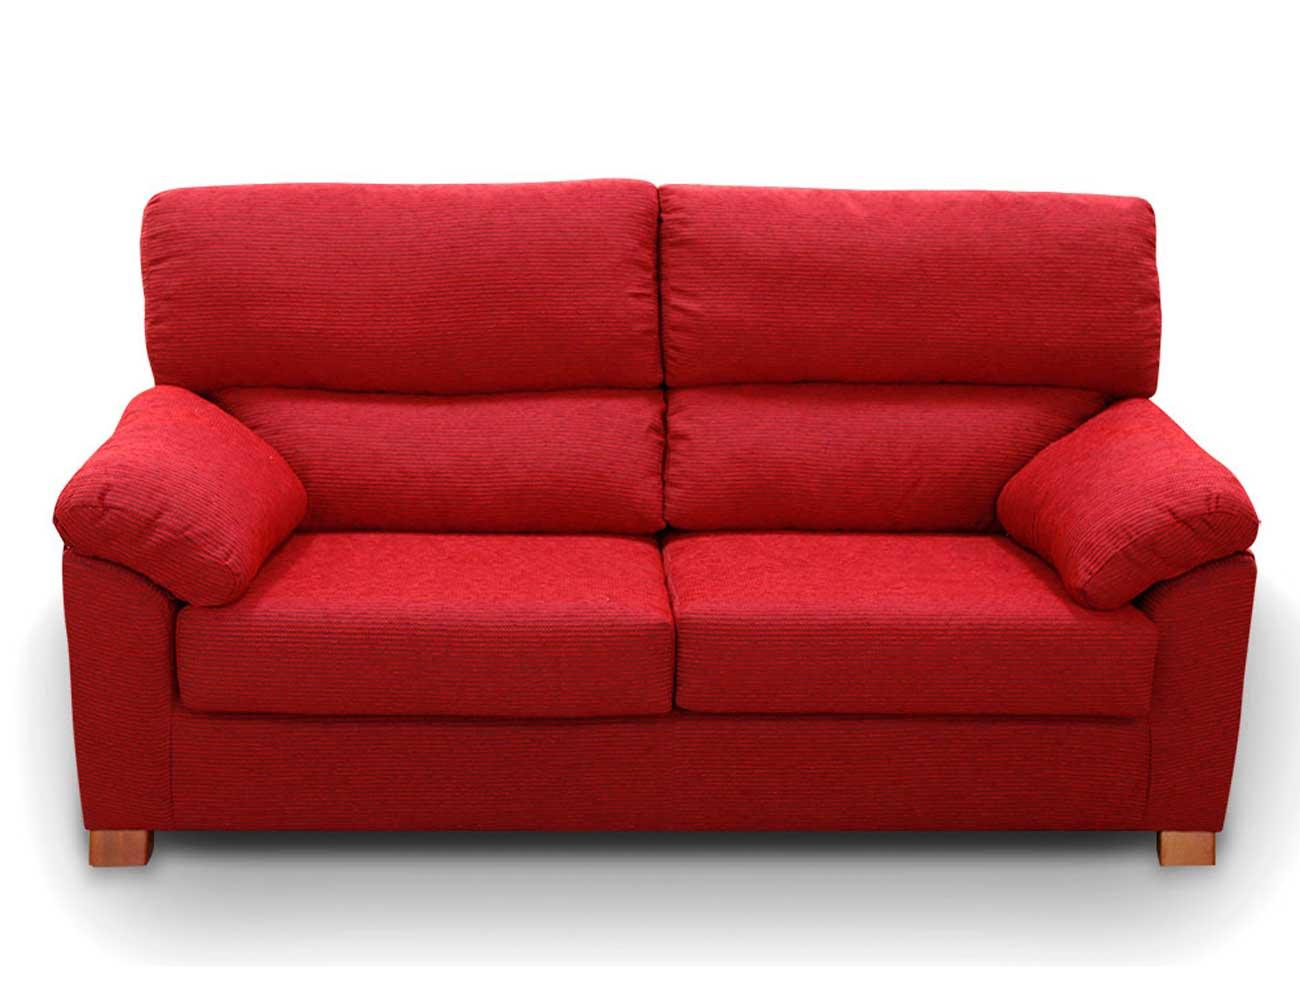 Sofa barato 3 plazas rojo1